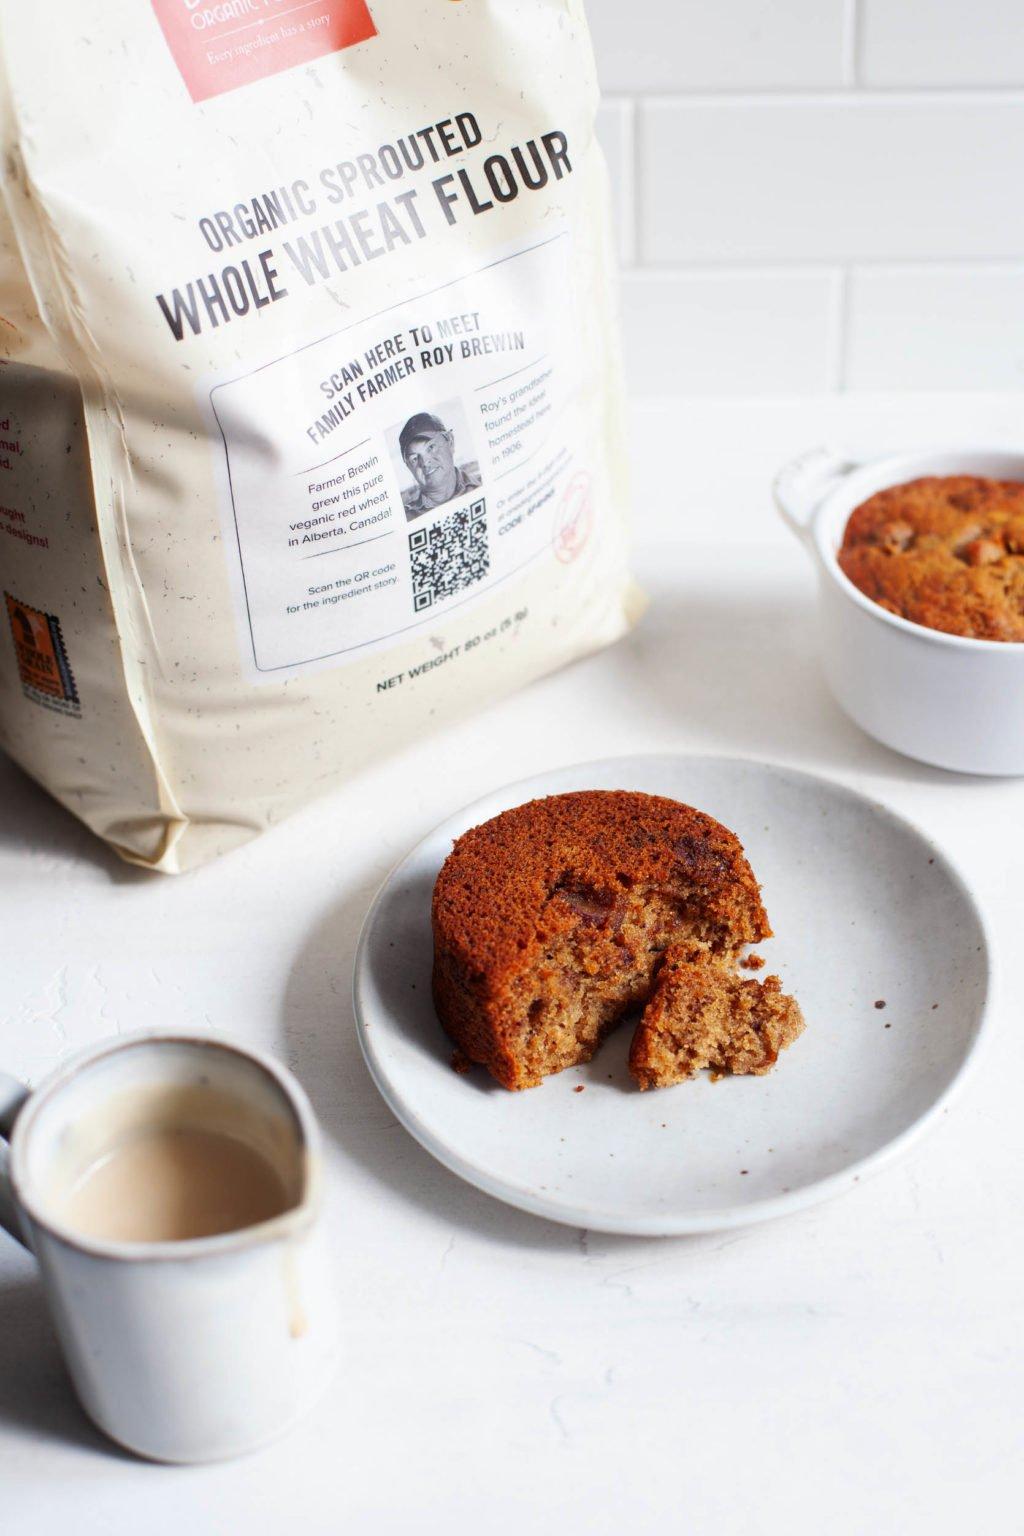 Se ha utilizado una bolsa de harina integral para hacer unos pequeños pasteles redondos, que se colocan en platos de postre.